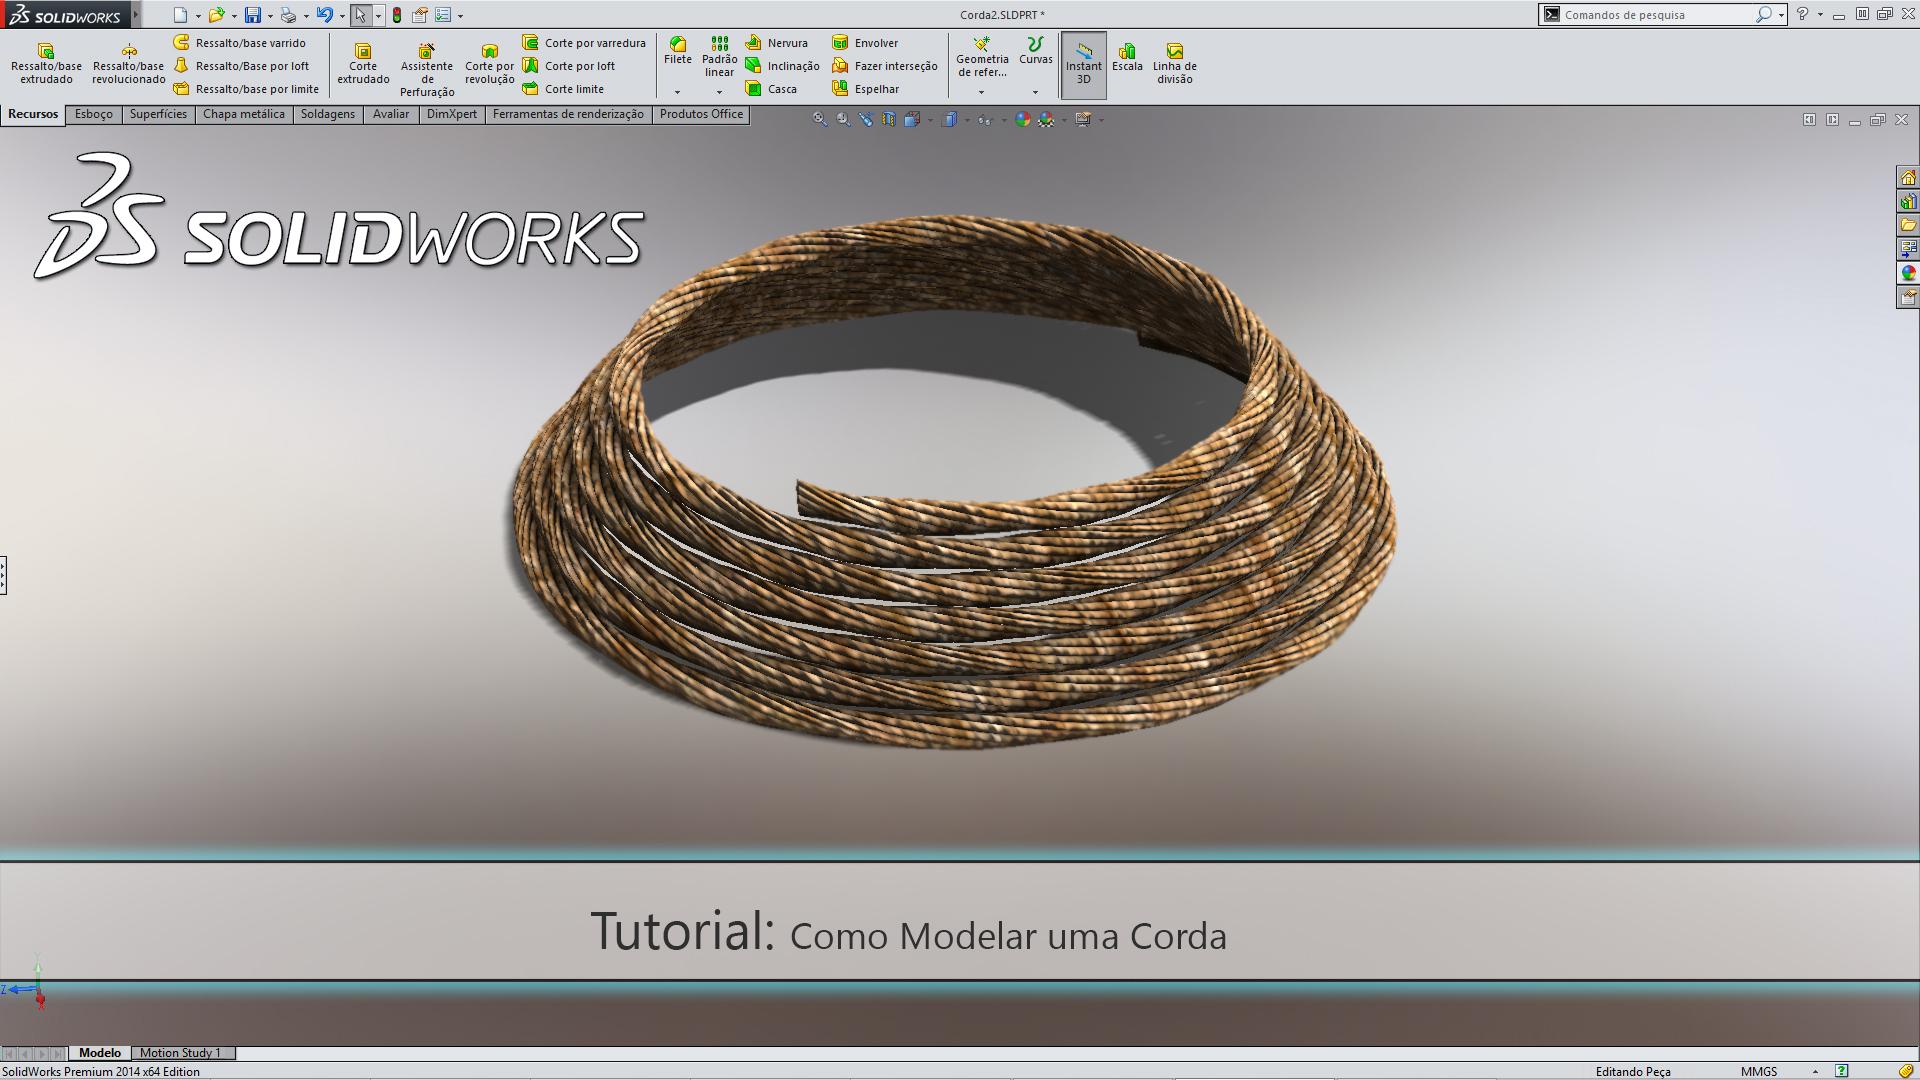 SW14 - Como Modelar uma Corda